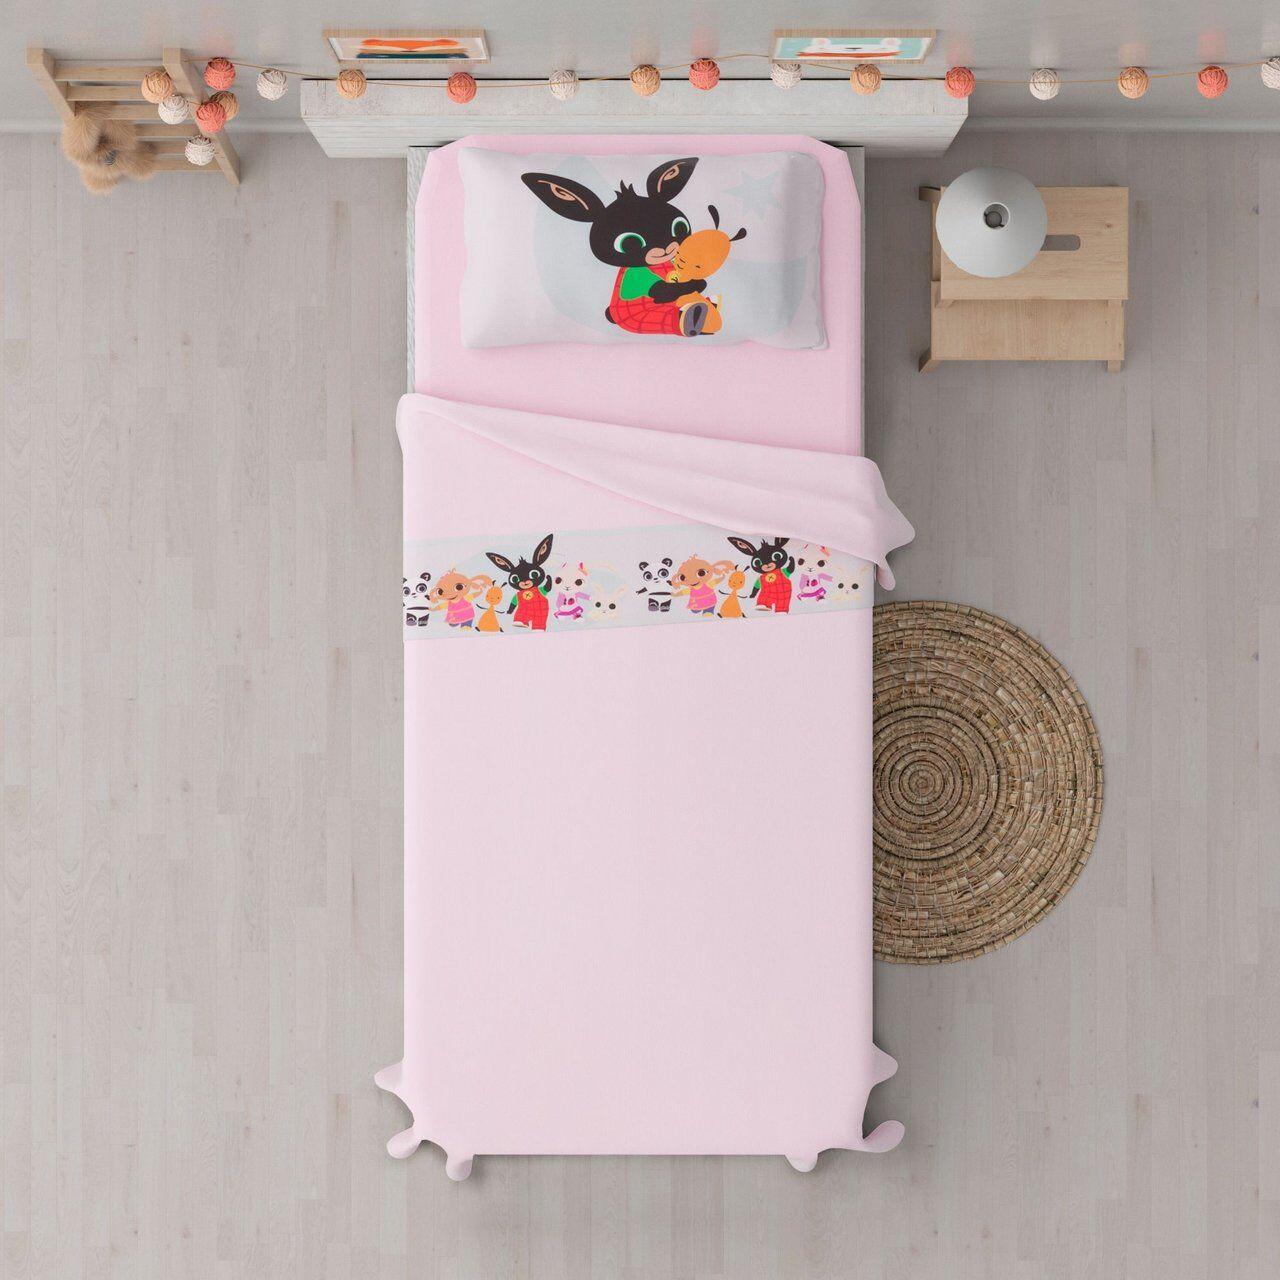 cameretta bing il coniglietto completo lenzuola rosa per lettino, rosa